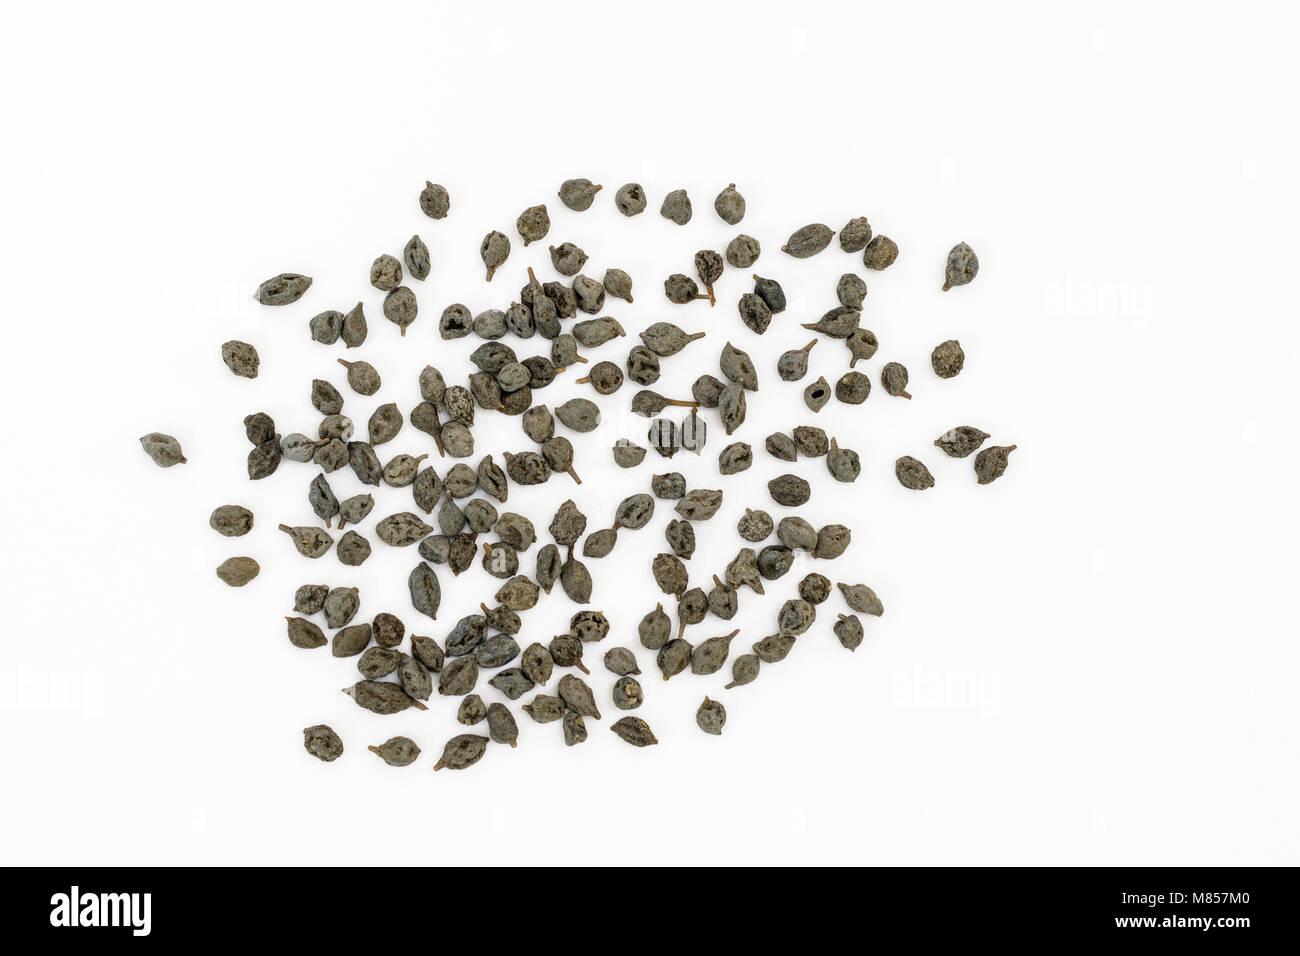 Dried Kair berries used as food ingredient (Capparis decidua) - Stock Image